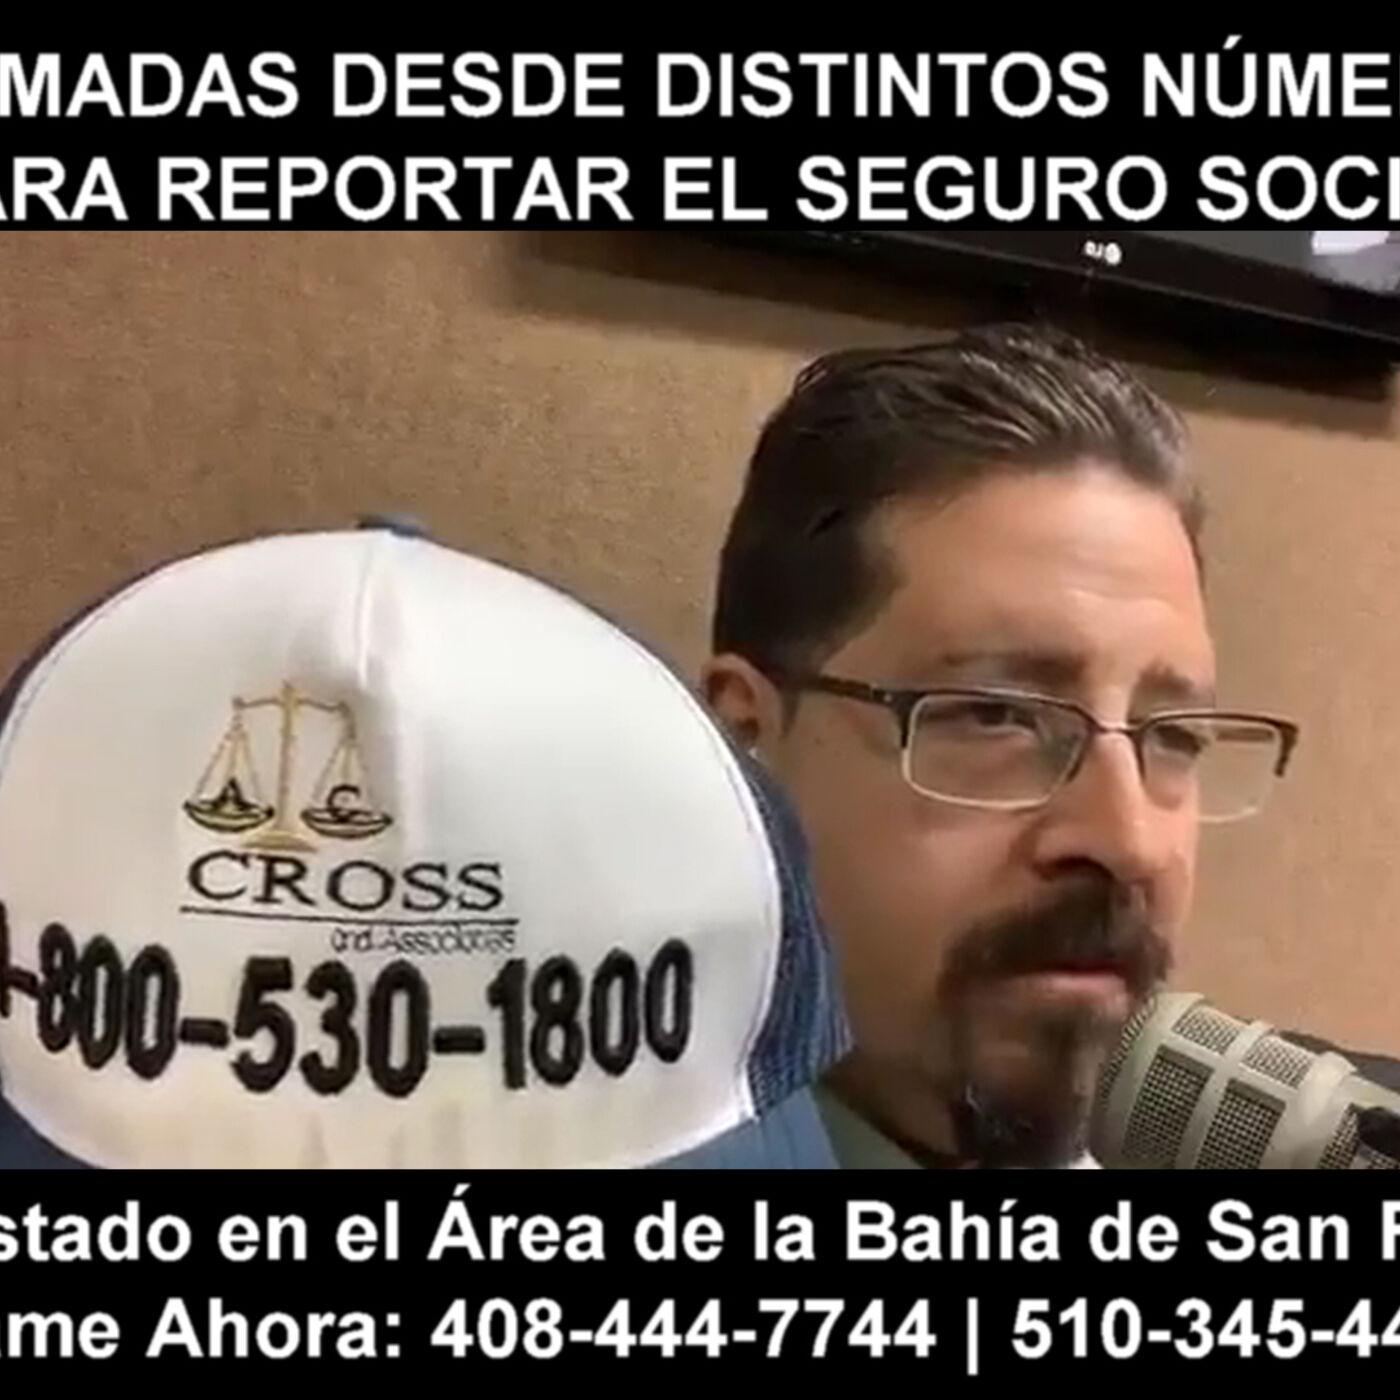 Llamadas desde distintos números para reportar el seguro social